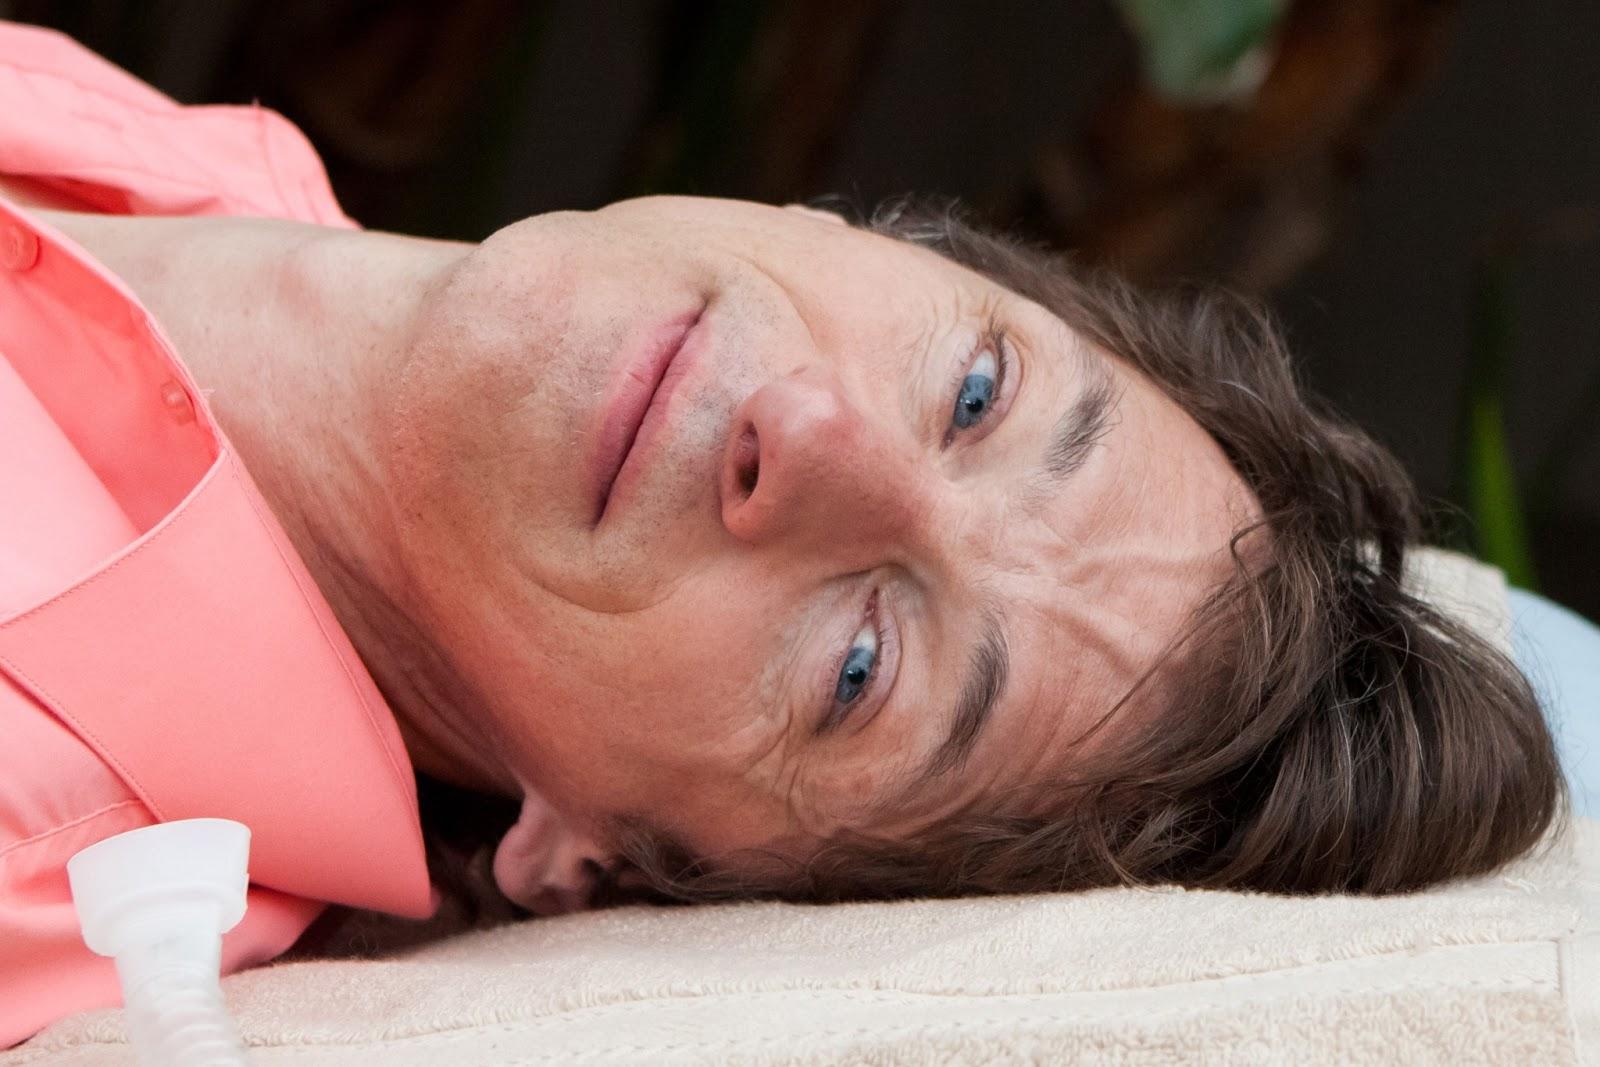 Mark, sdraiato sulla sua lettiga, il collo tutto all'indietro e la schiena inarcata, guarda lo spettatore con i suoi profondi occhi blu.